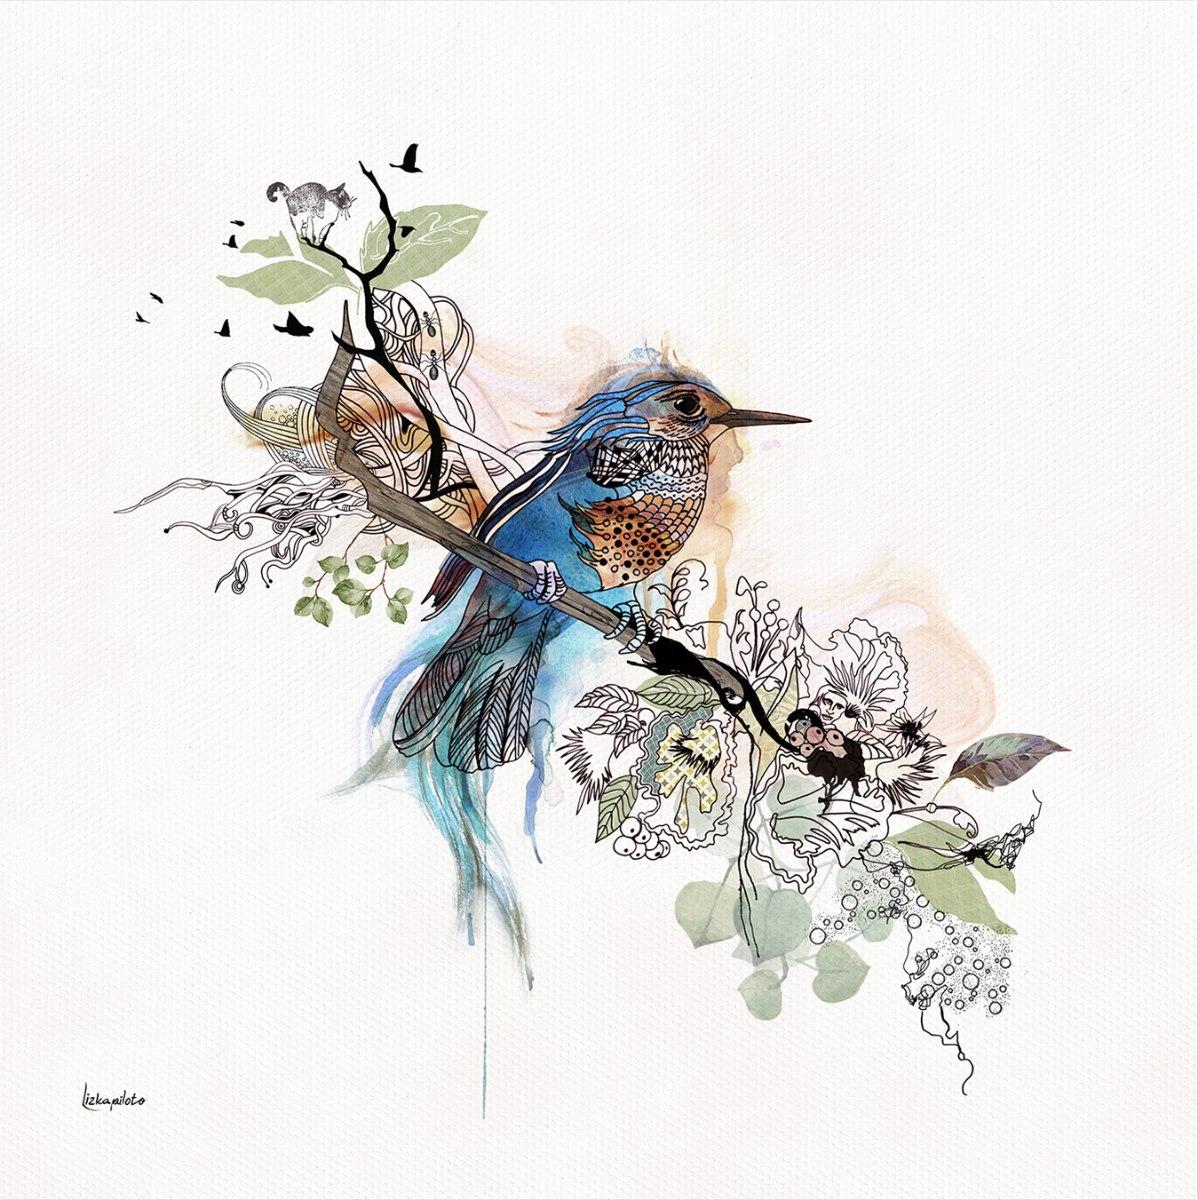 ציור של שלדג כחול ליז קפילוטו